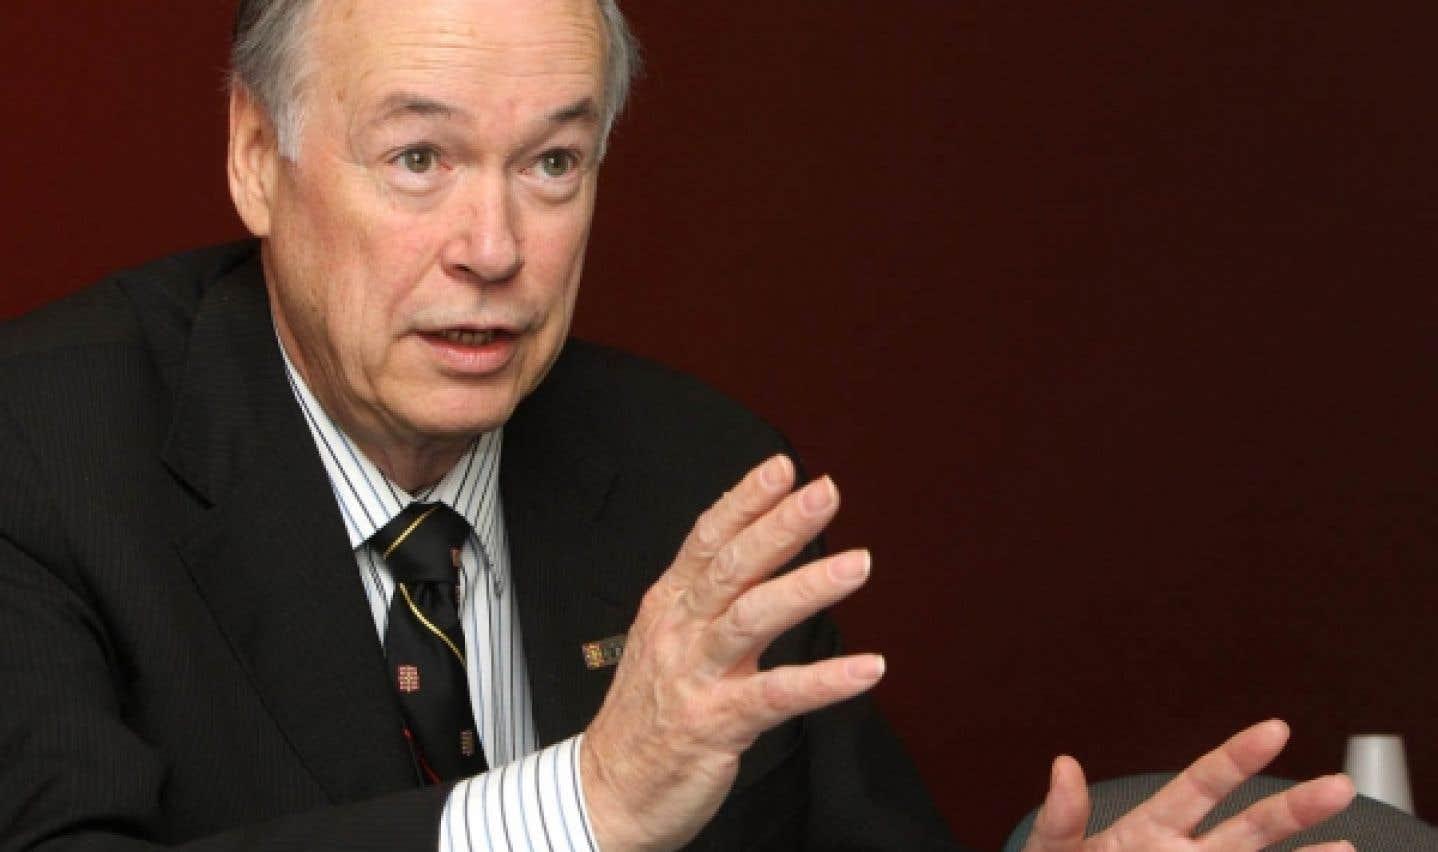 Le recteur de l'Université Laval au Devoir - L'augmentation des droits de scolarité sera inévitable, croit Denis Brière